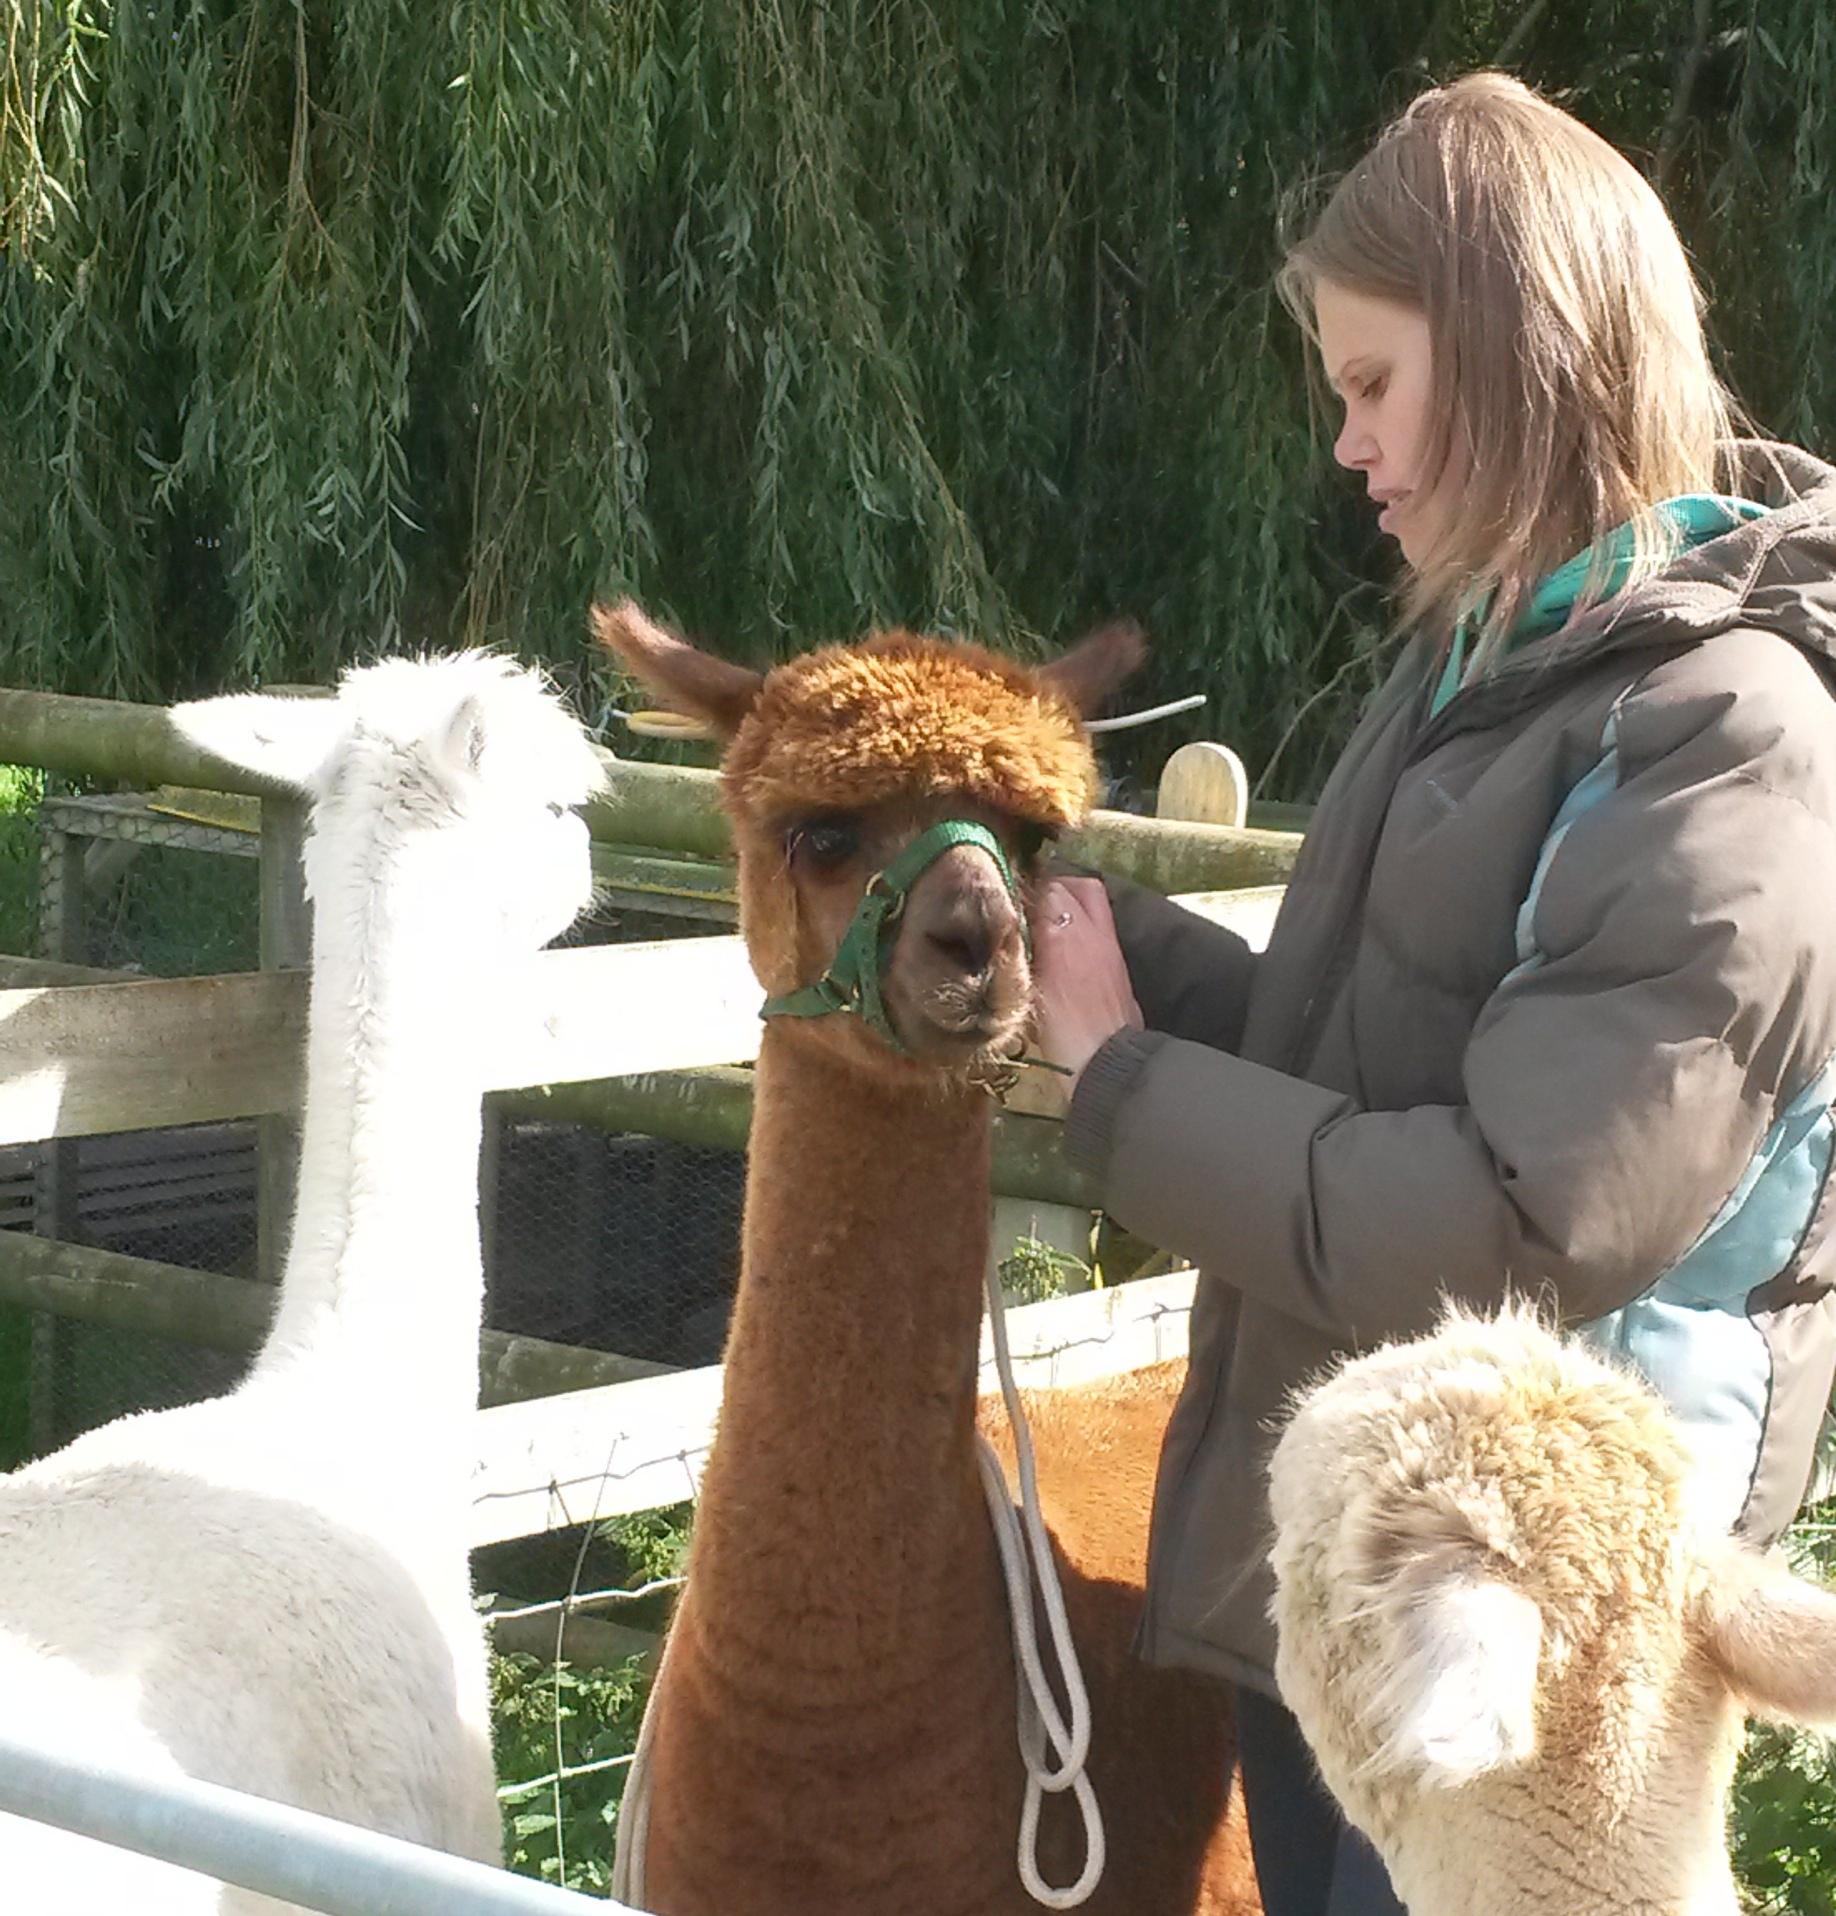 Haltering an alpaca